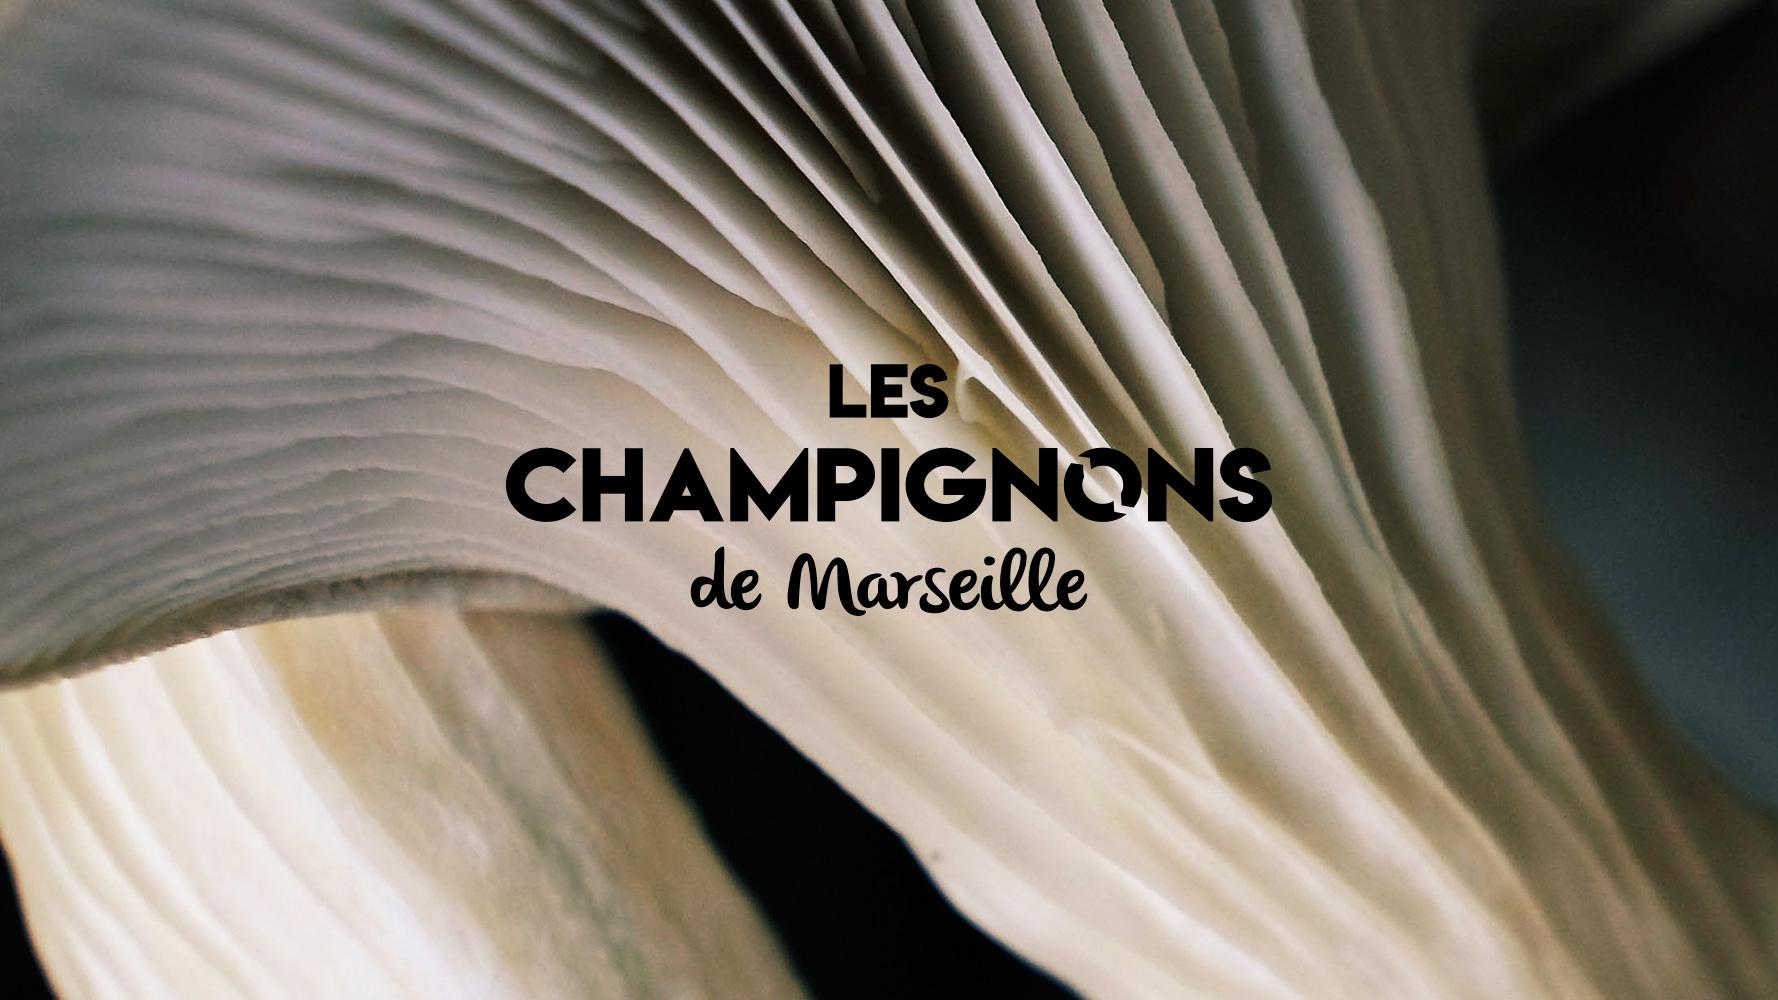 Une année d'expérimentation avec Les Champignons de Marseille